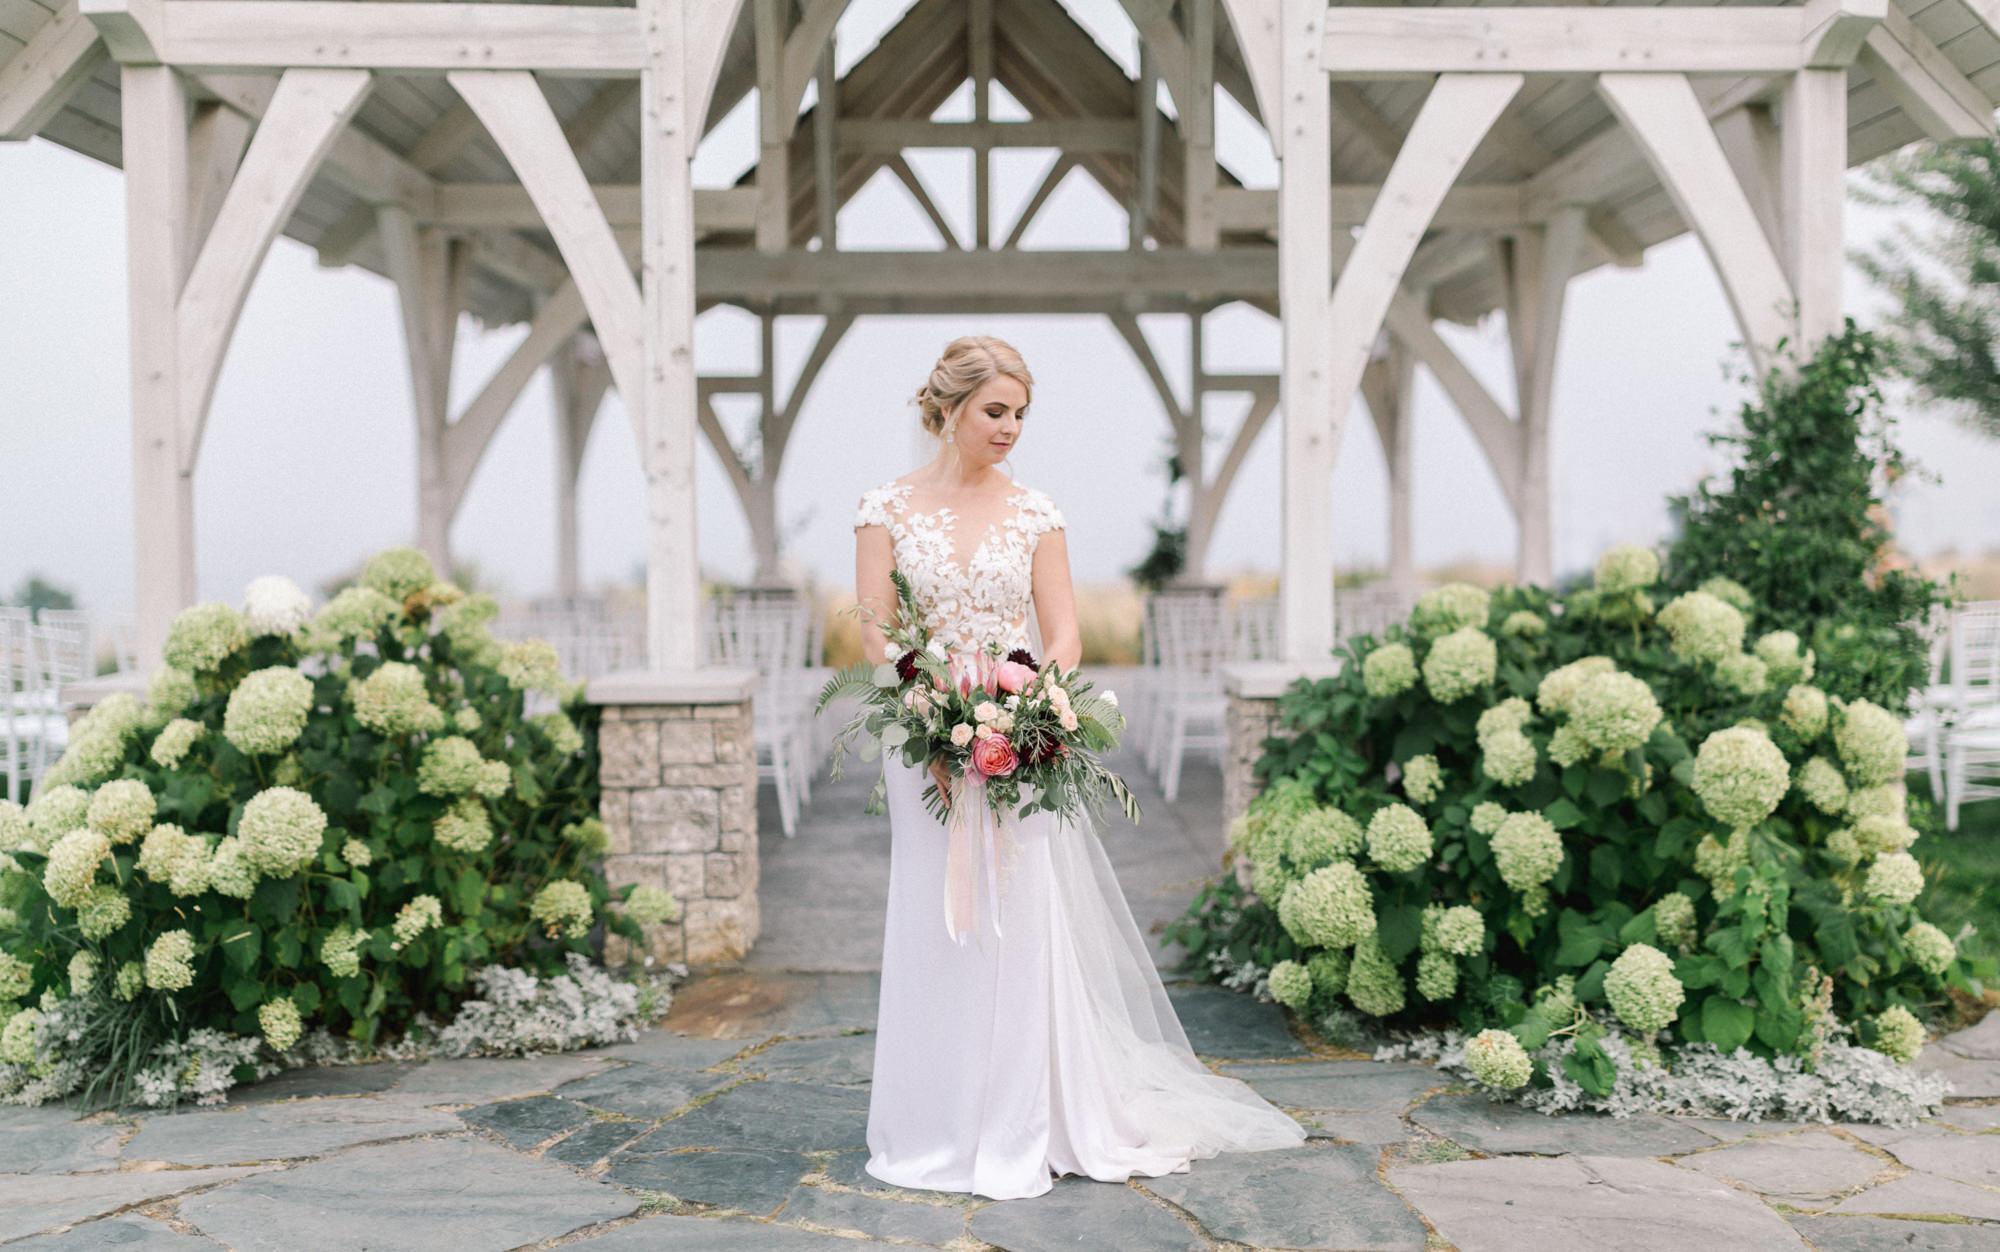 Eric_and-Christina-Kelowna-wedding-at-Sanctuary-Gardens-1-2.jpg